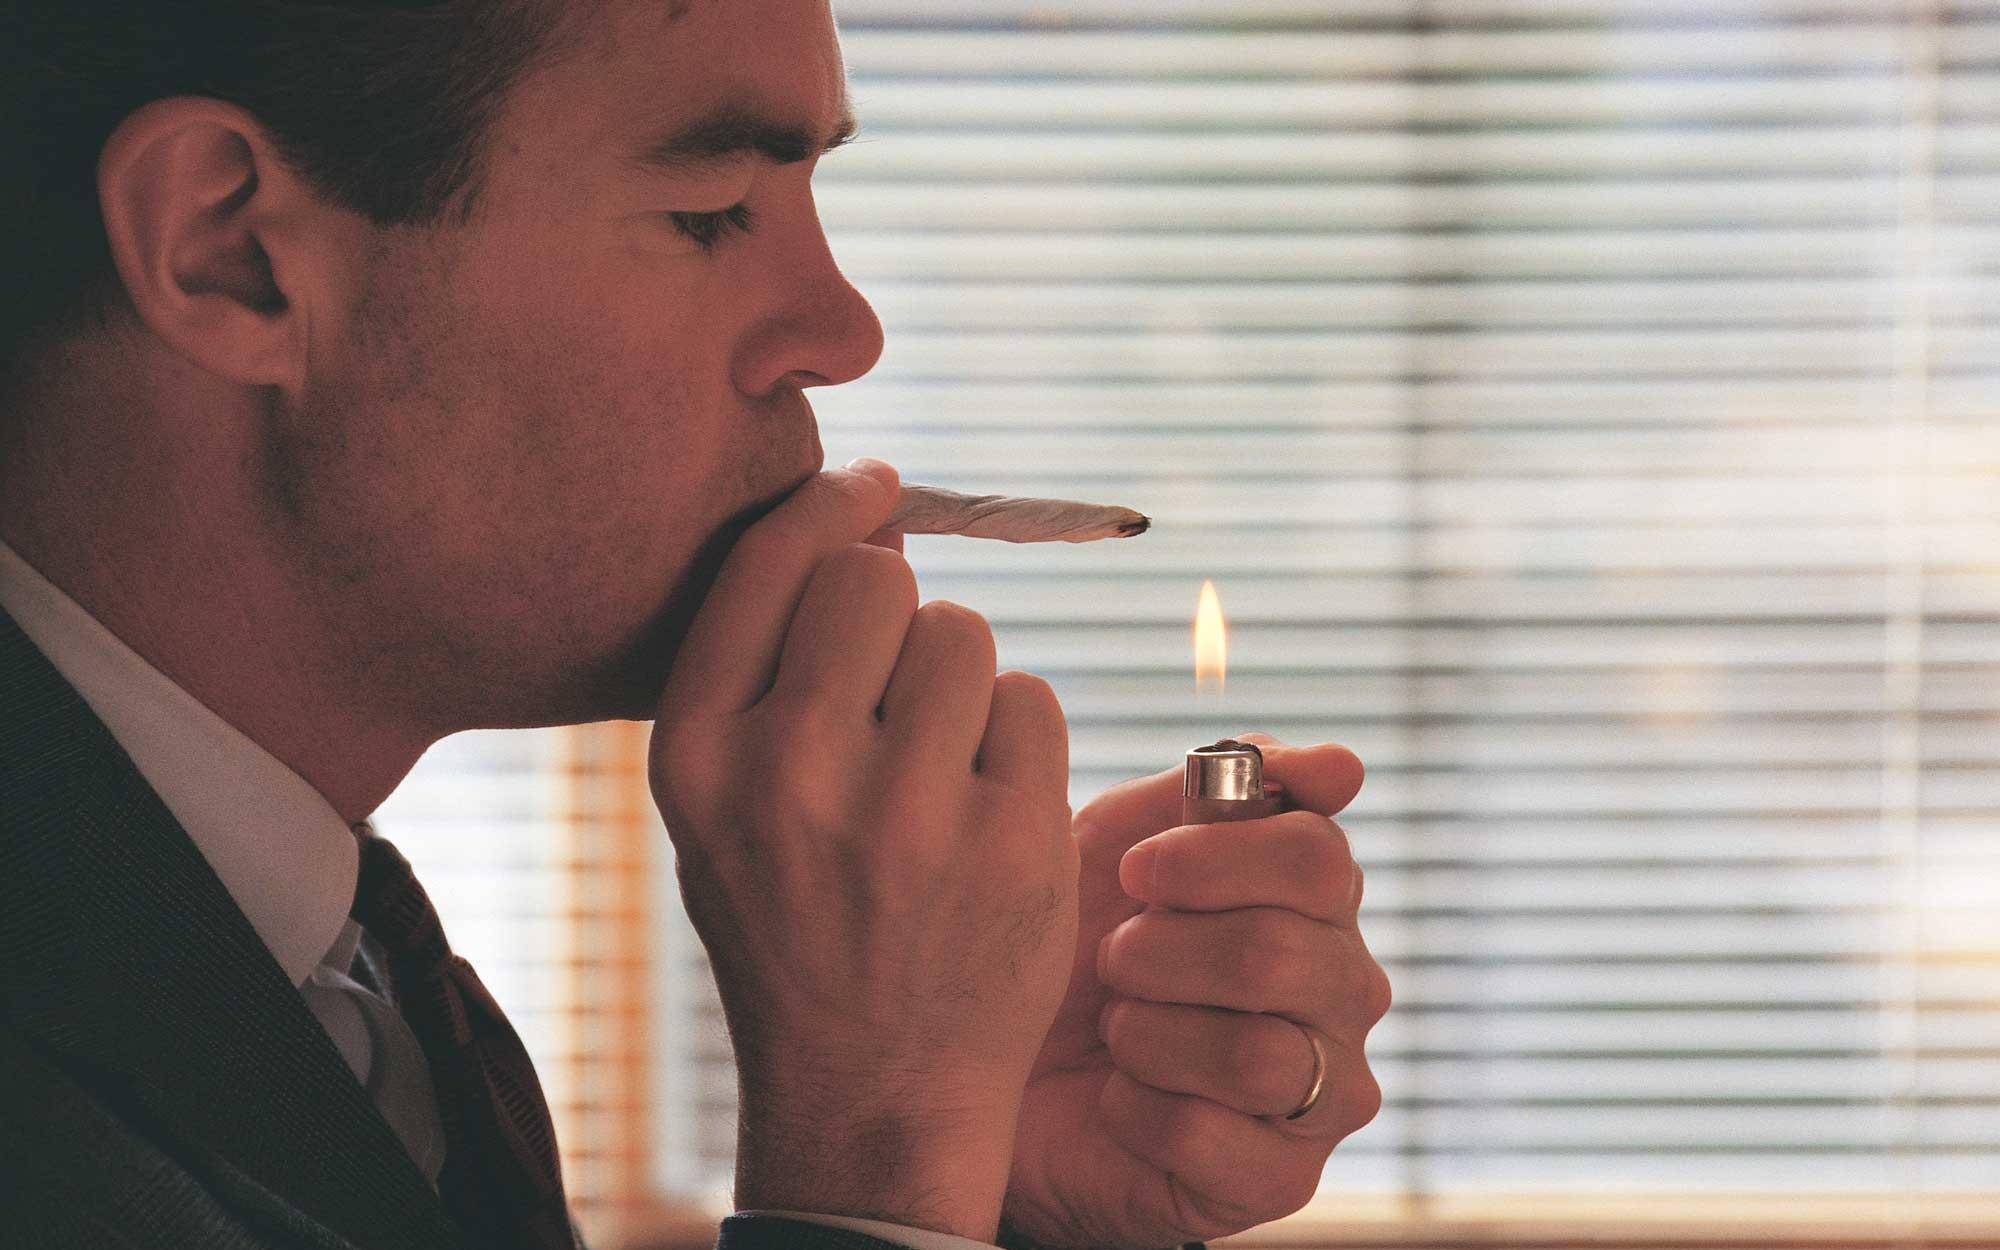 używanie marihuany